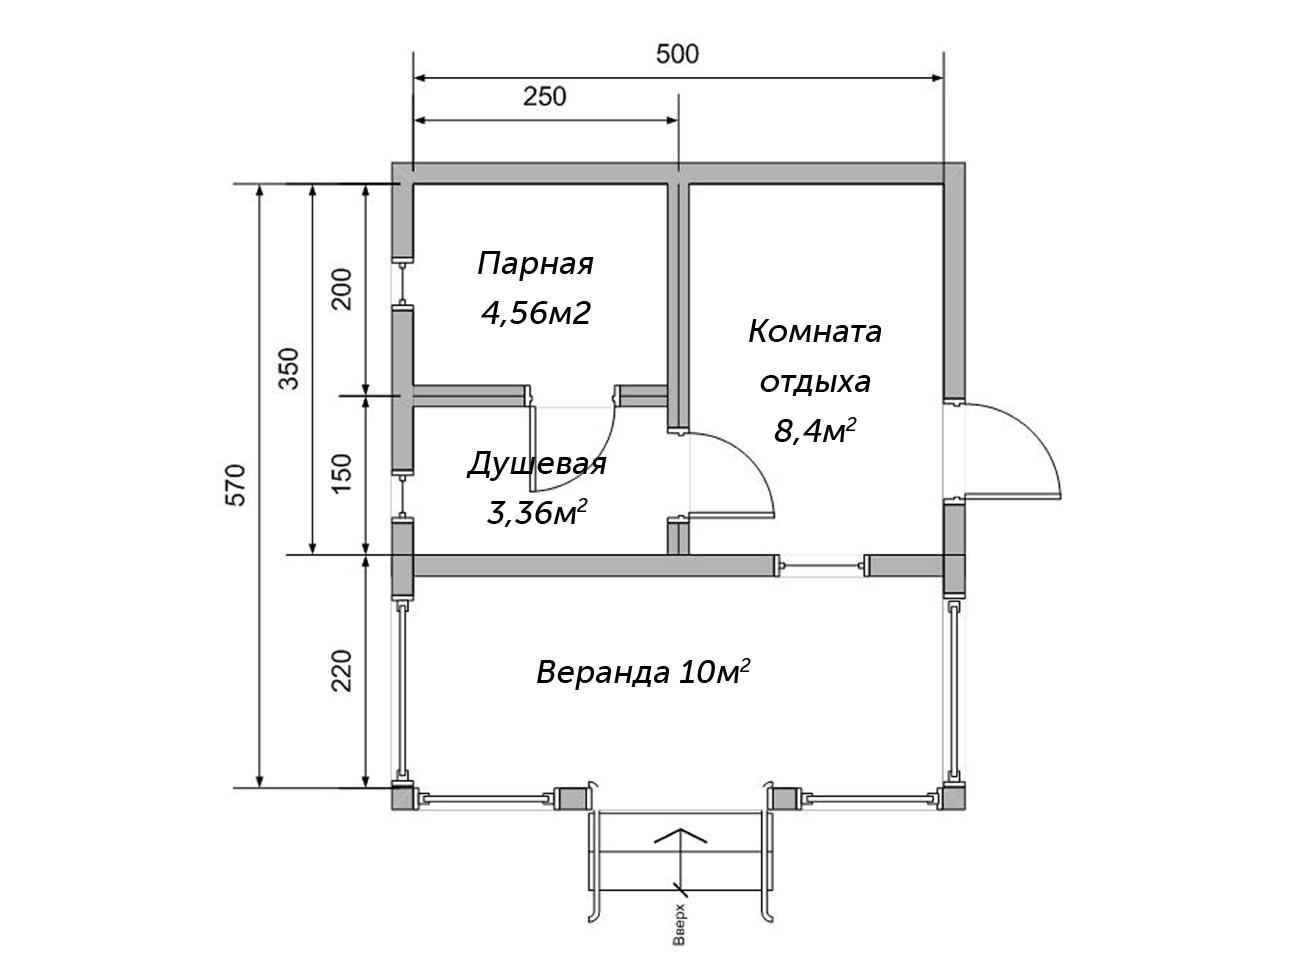 Баня 3 на 3 на 5 – три пятых рынка, если говорить о самостоятельном строительстве